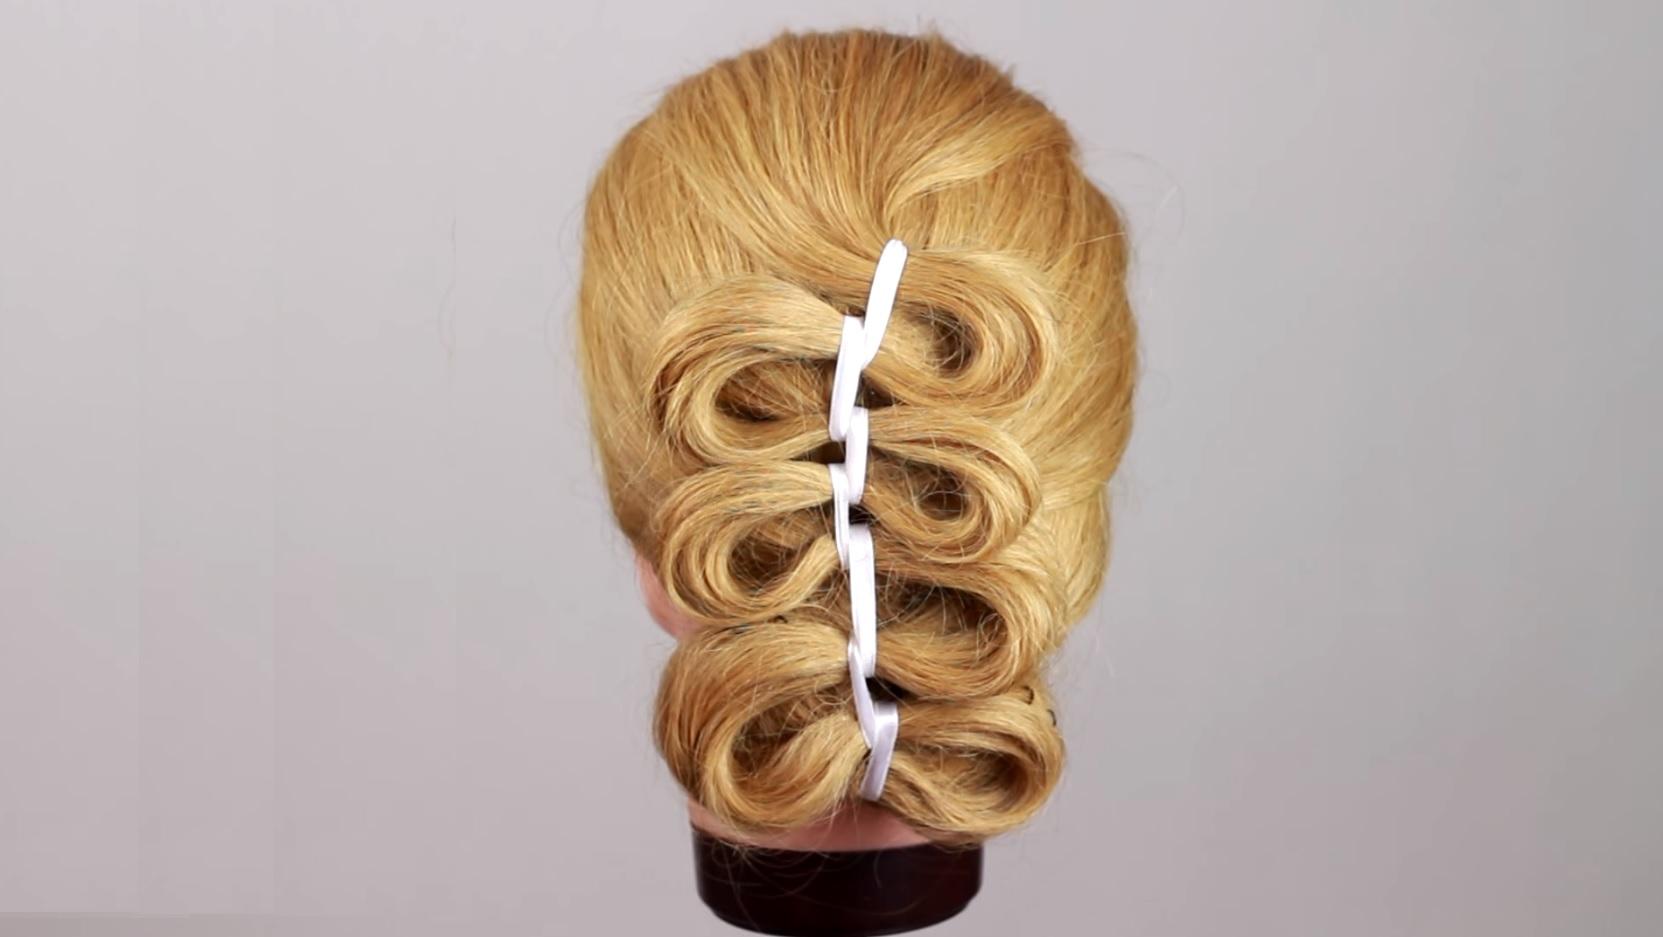 Пошаговые инструкции модных причесок. Плетем косу 80